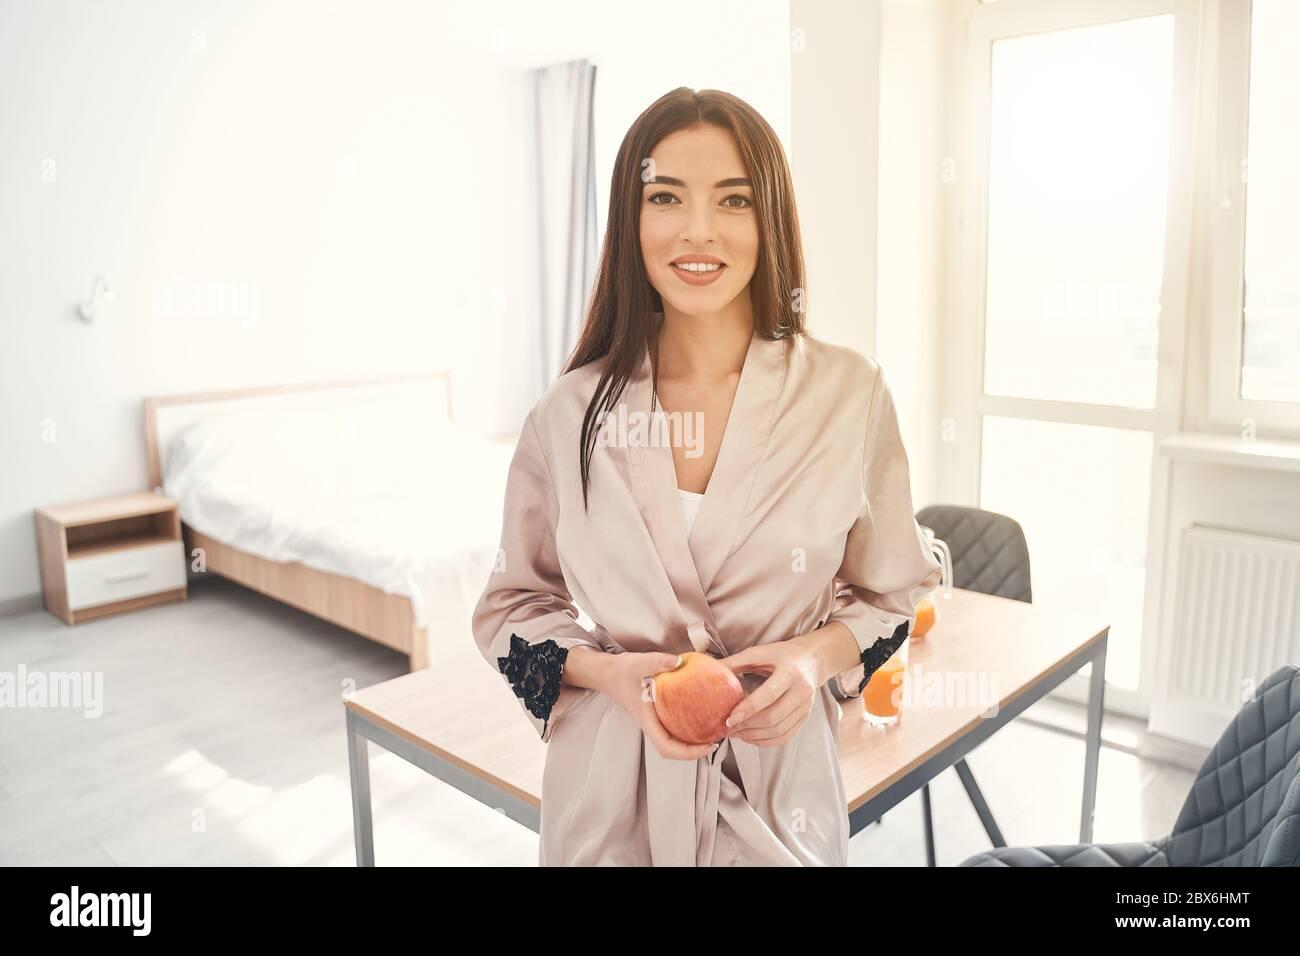 Jolie jeune femme posant à la maison avec une pomme dans les mains Banque D'Images